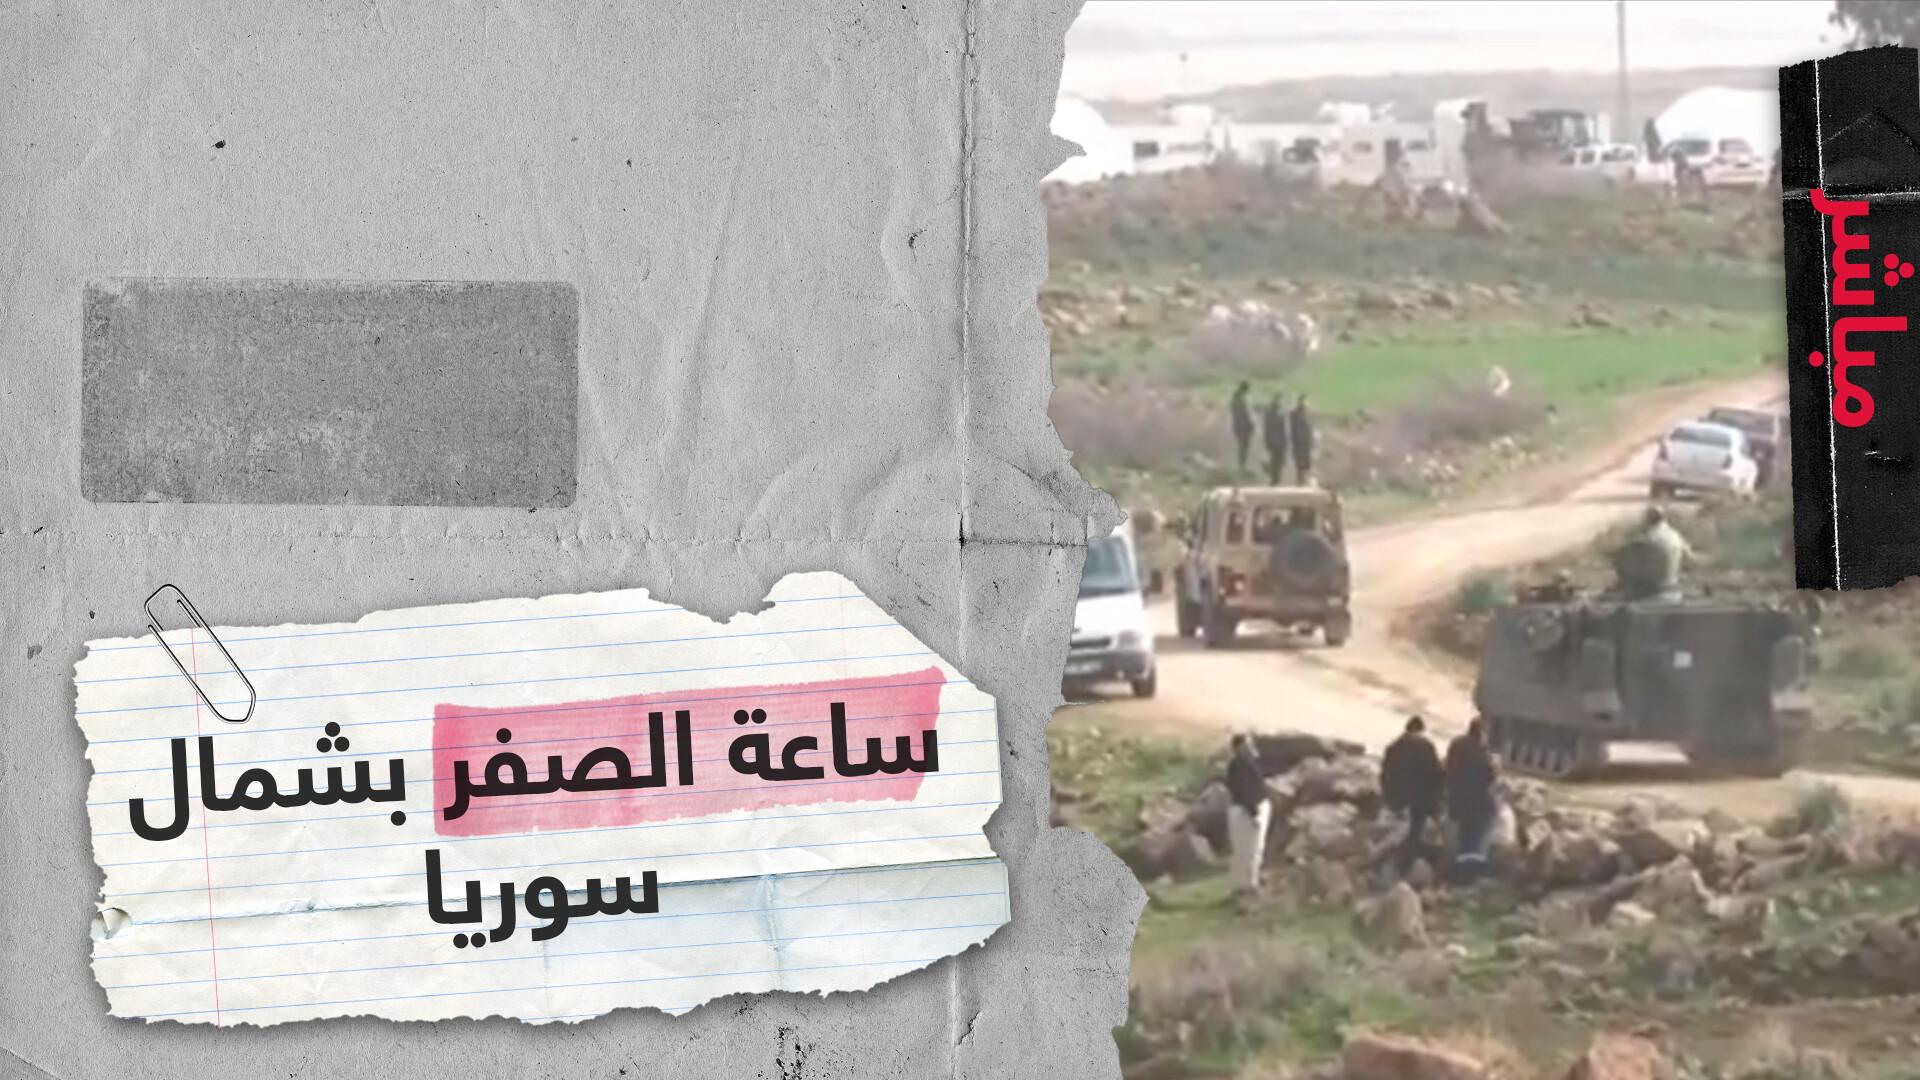 ساعة الصفر.. تركيا تنتظر انسحاب الأمريكيين من شمال سوريا